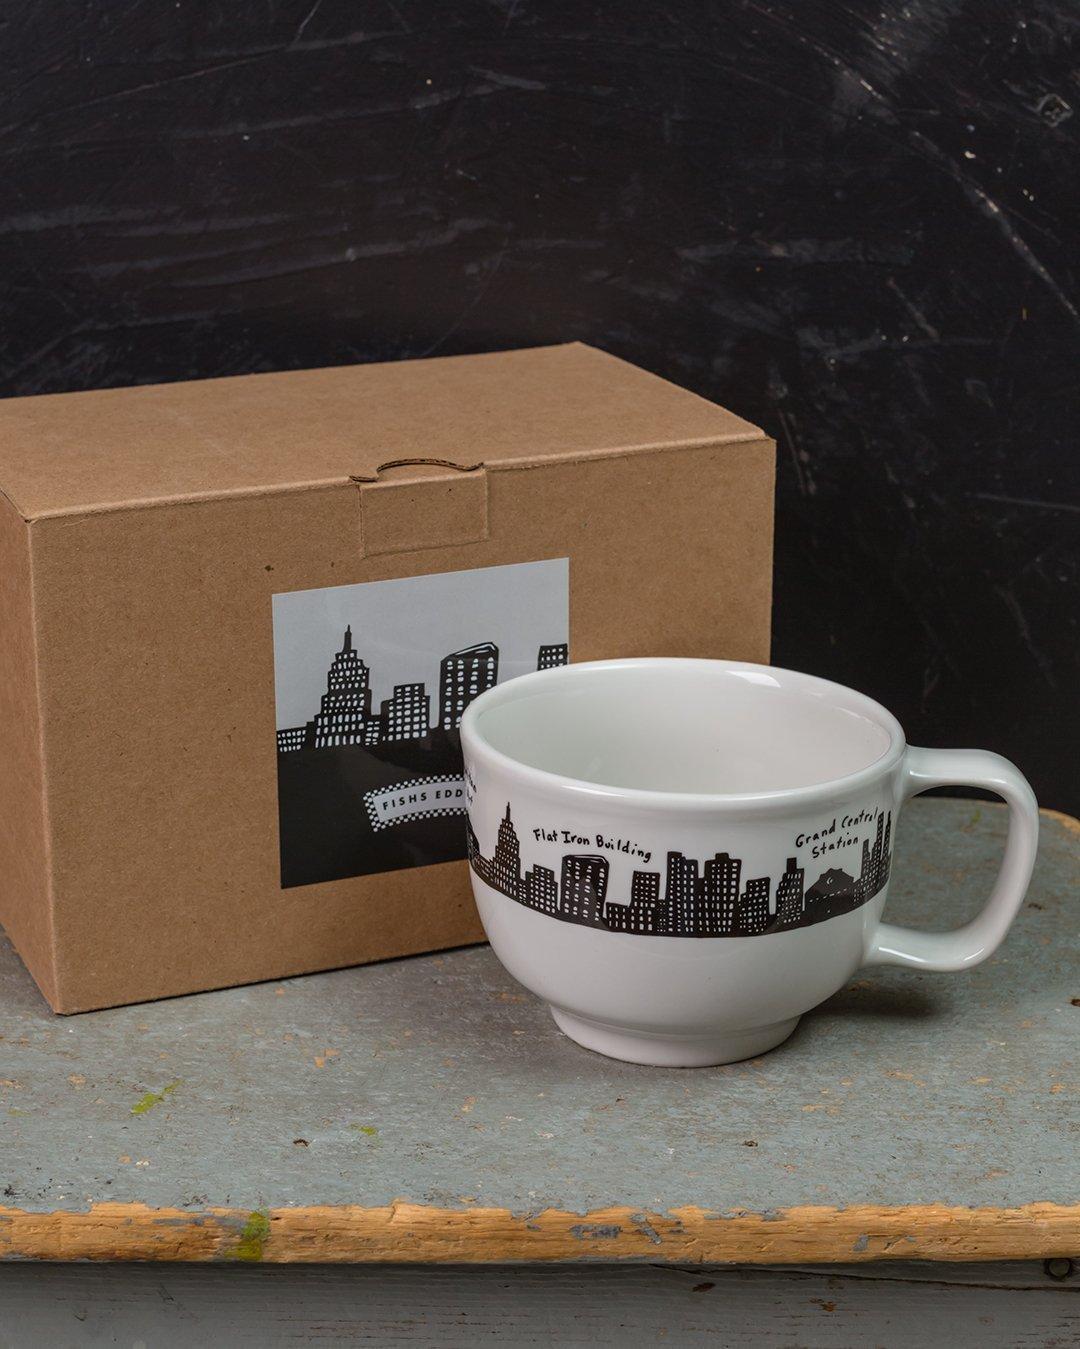 212 Skyline Jumbo Cup Gift Box Set of 2